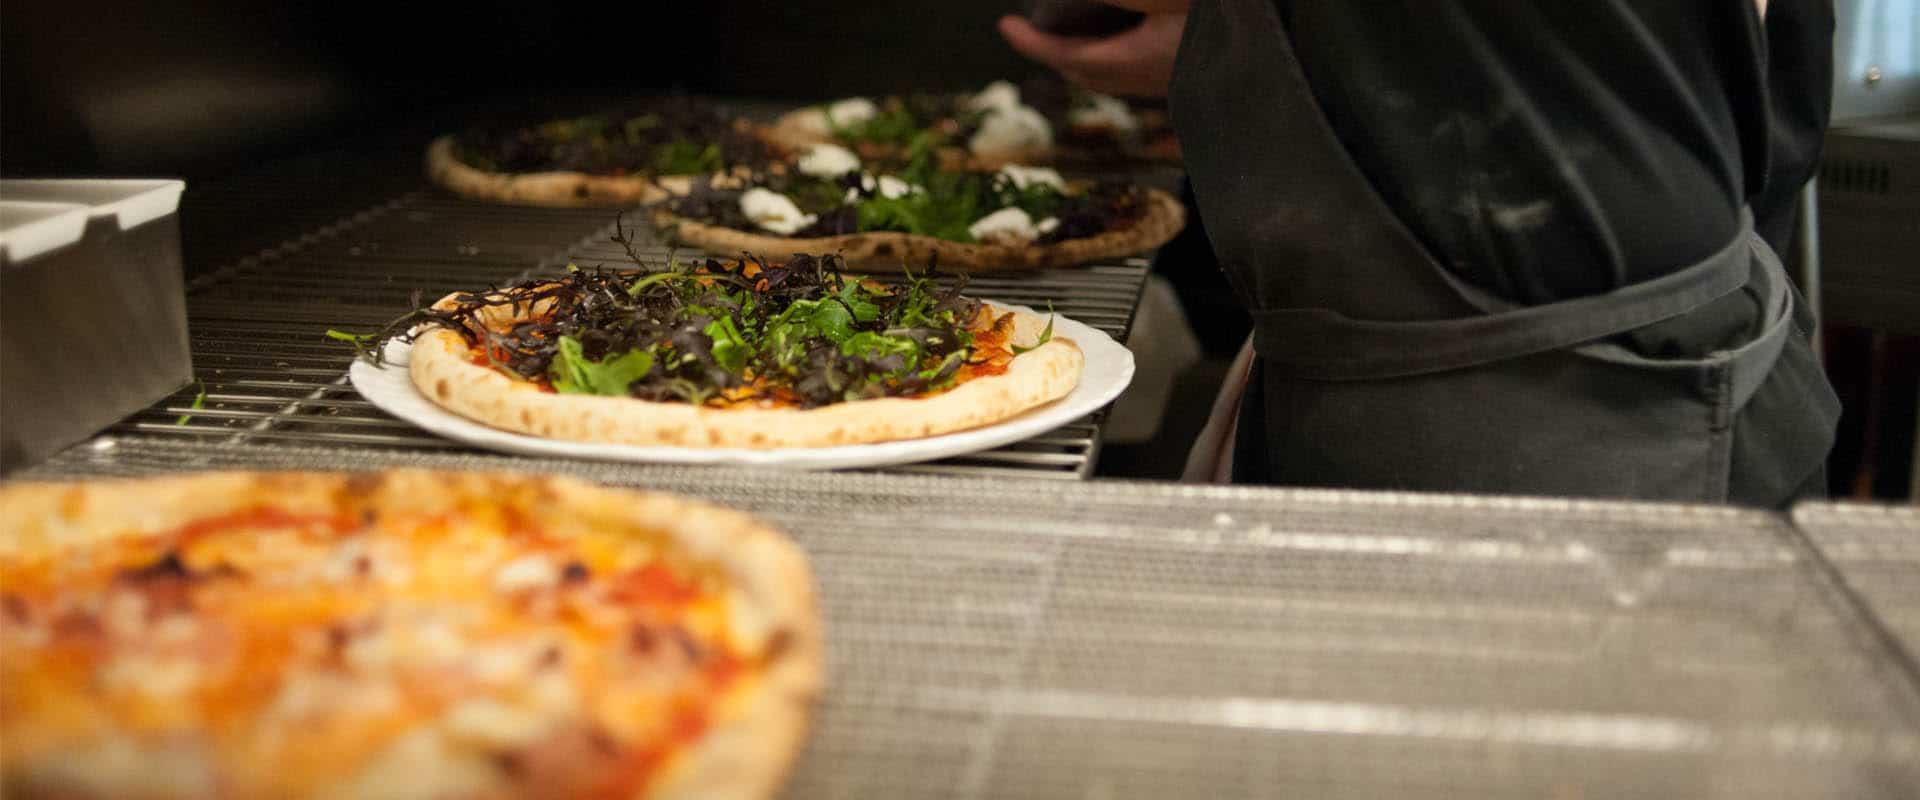 restaurant-_0004_angello-pizza-rennes